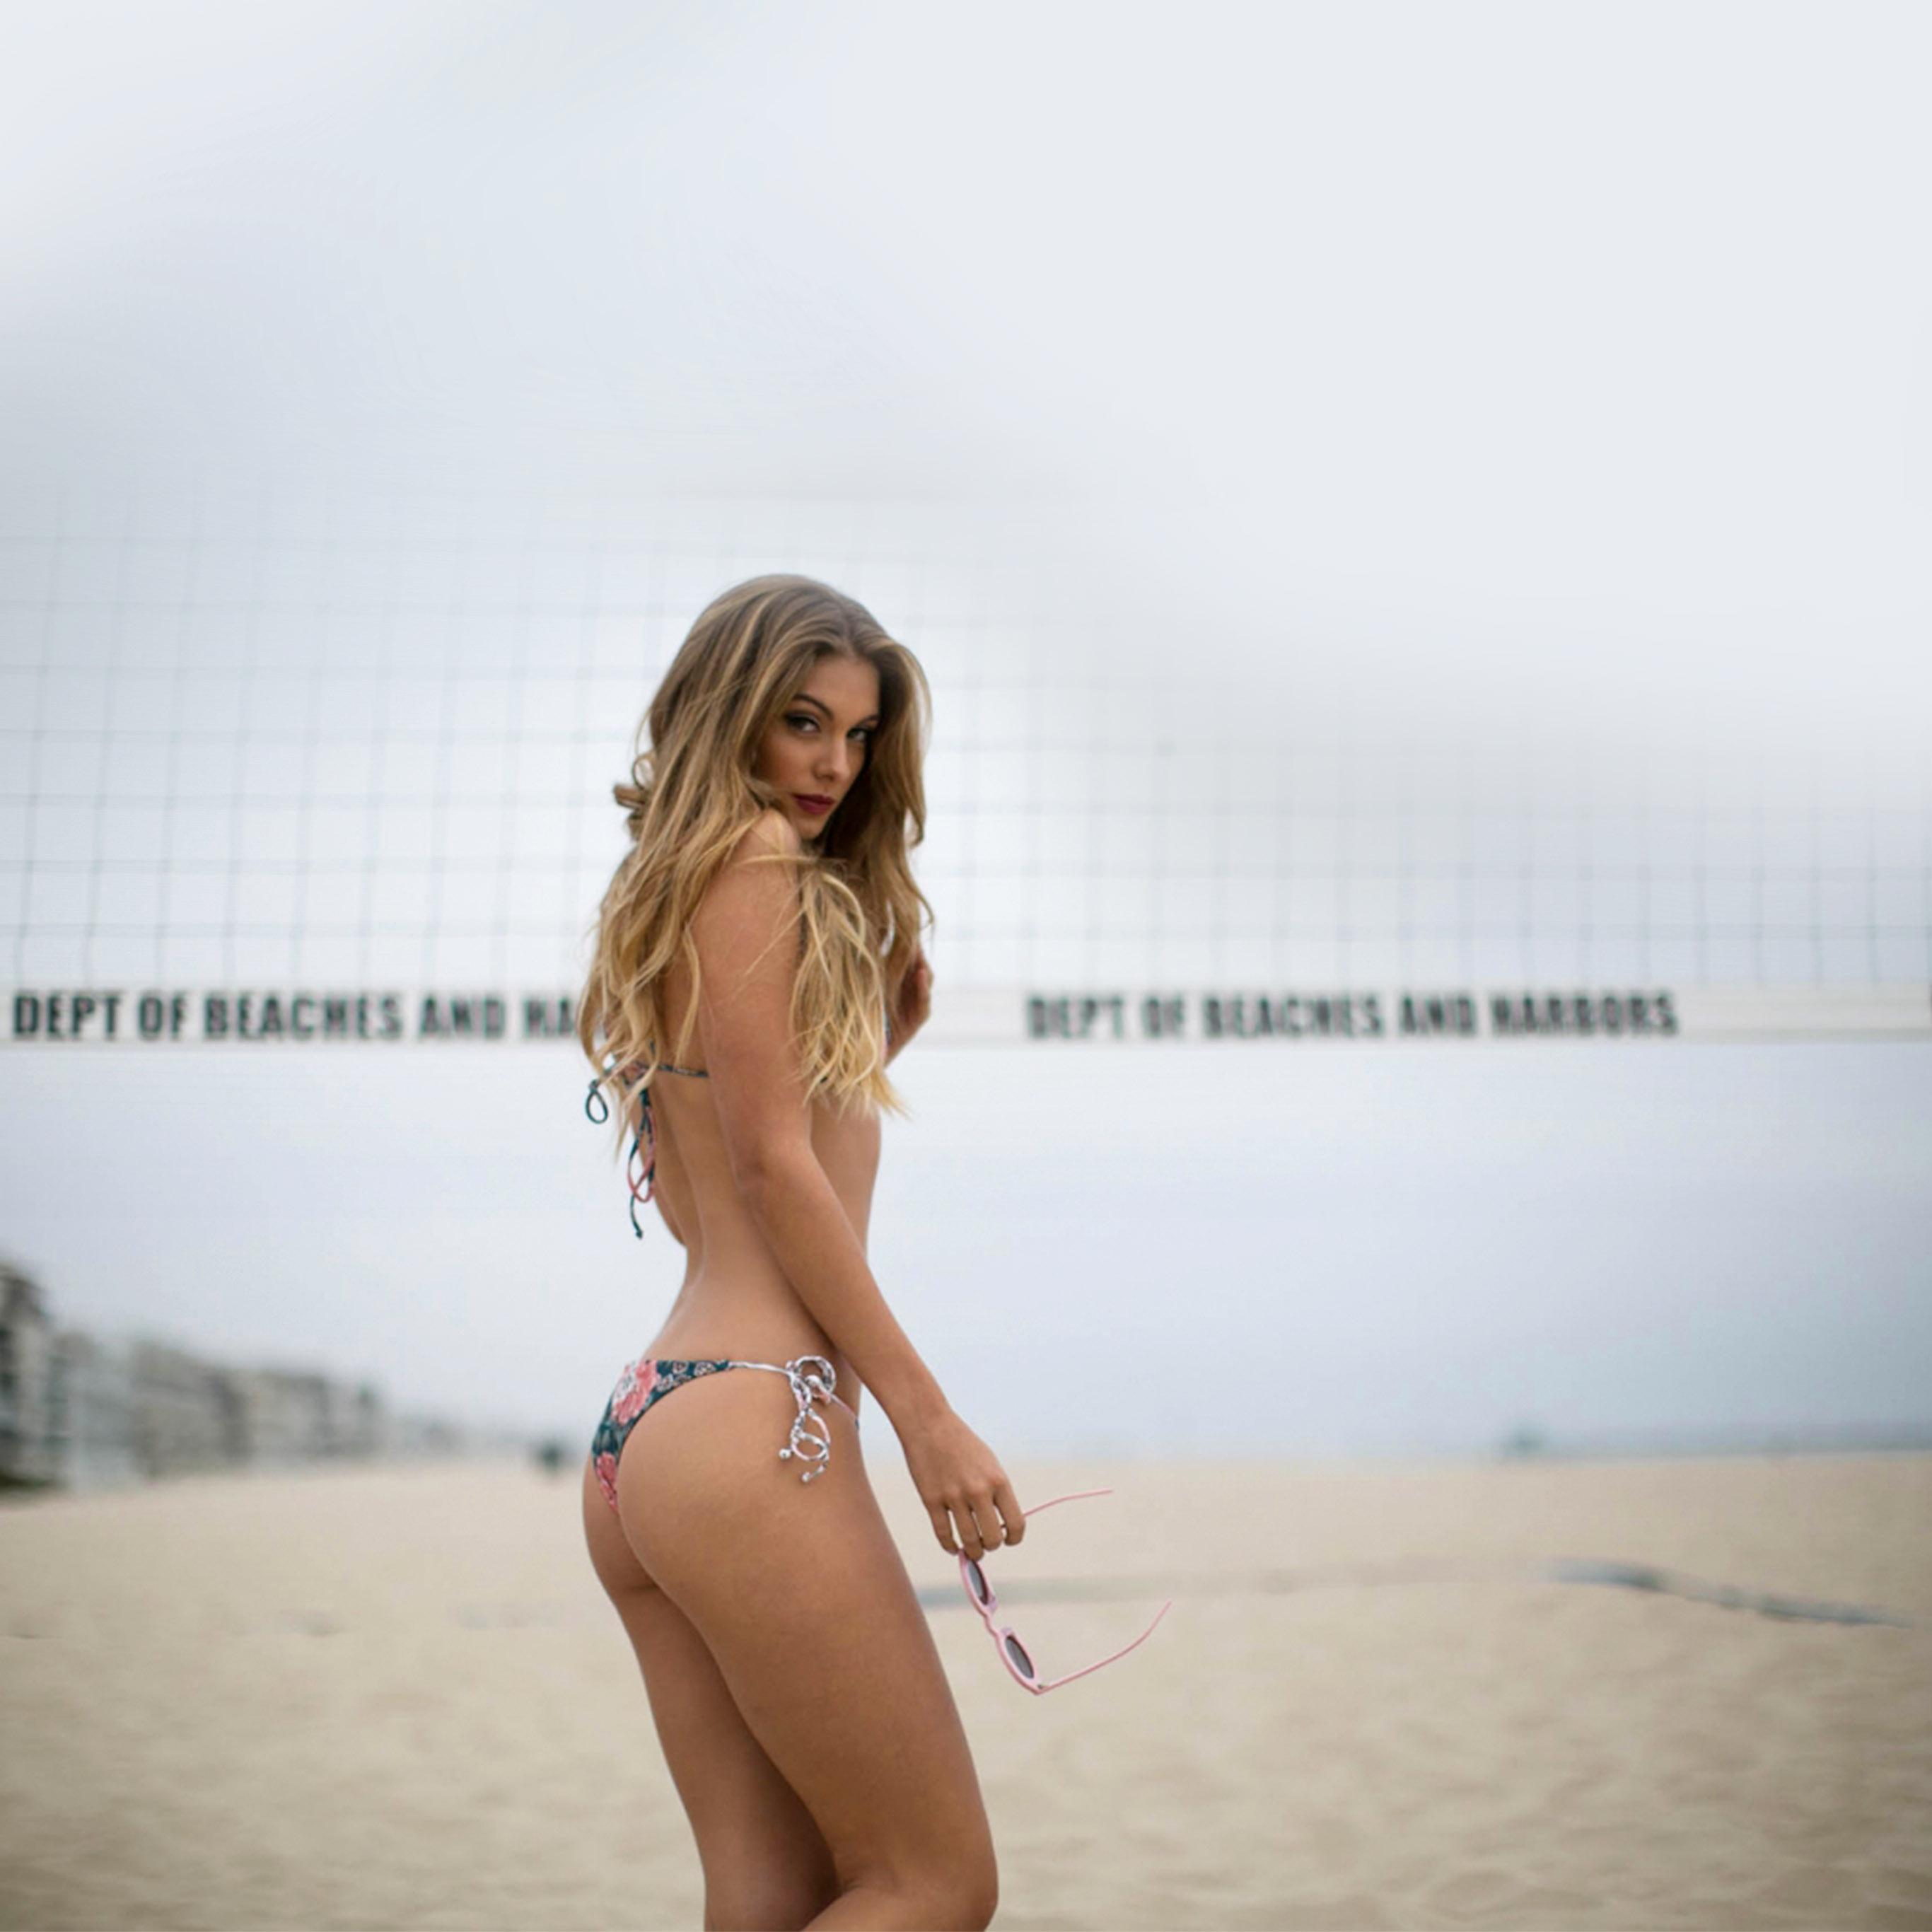 Hj82-camela-rose-beach-sexy-bikini-girl-wallpaper